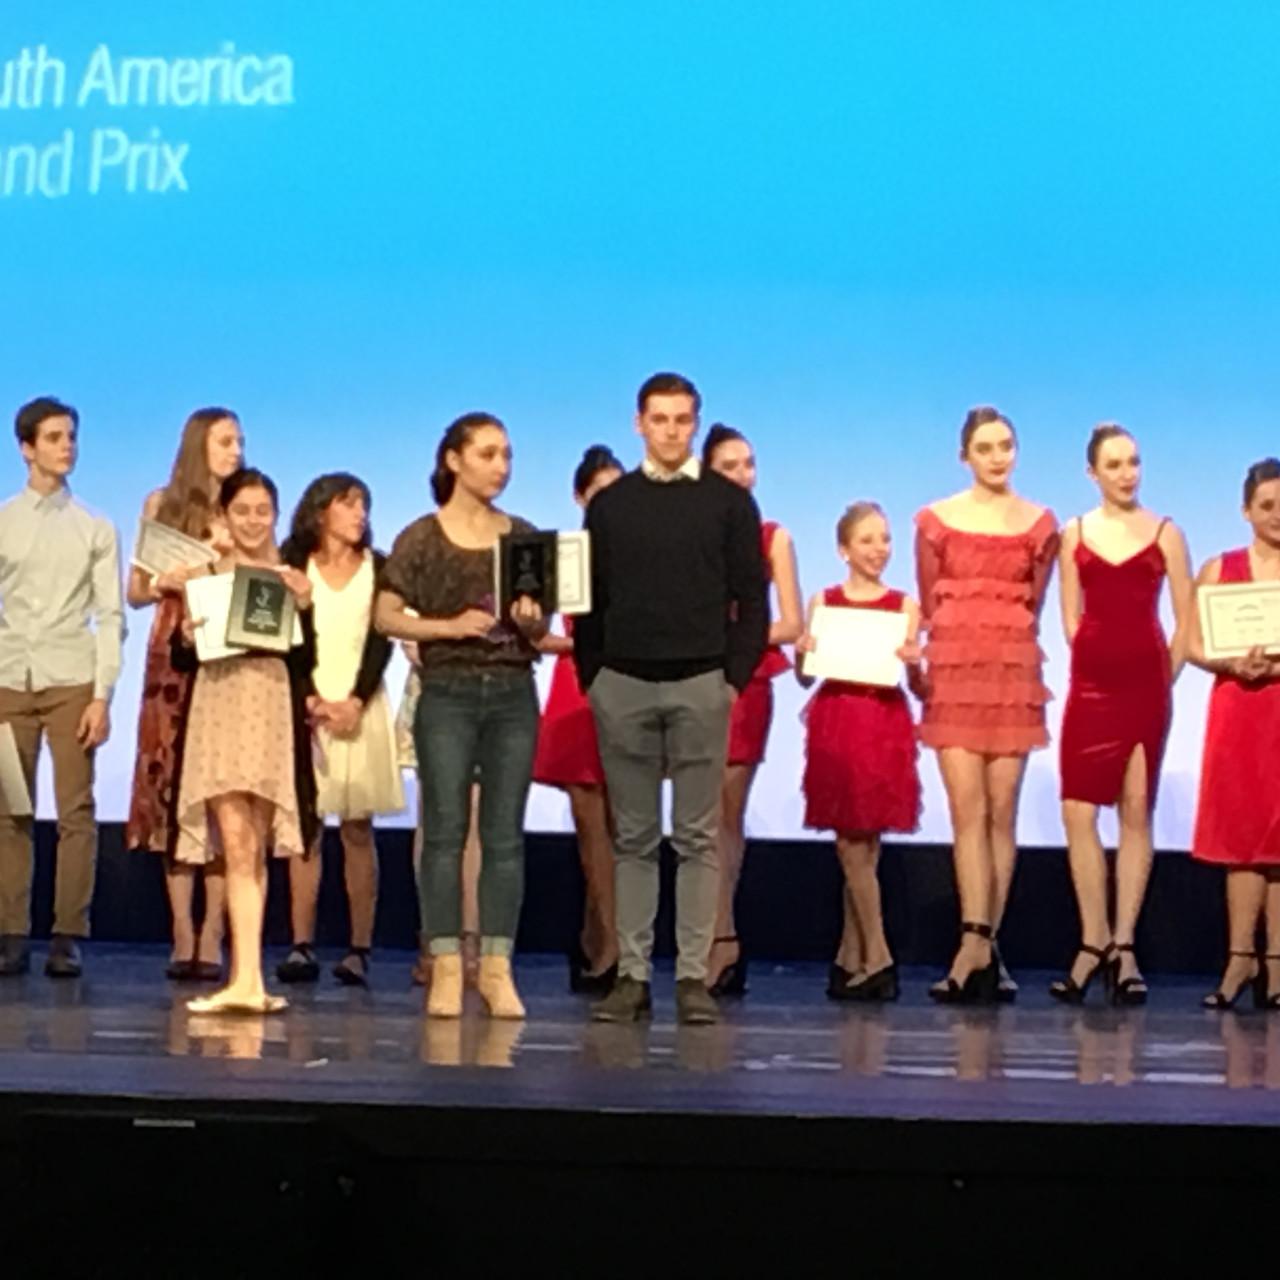 Emma and Brent receive third place for Coppelia Pas de Deux.